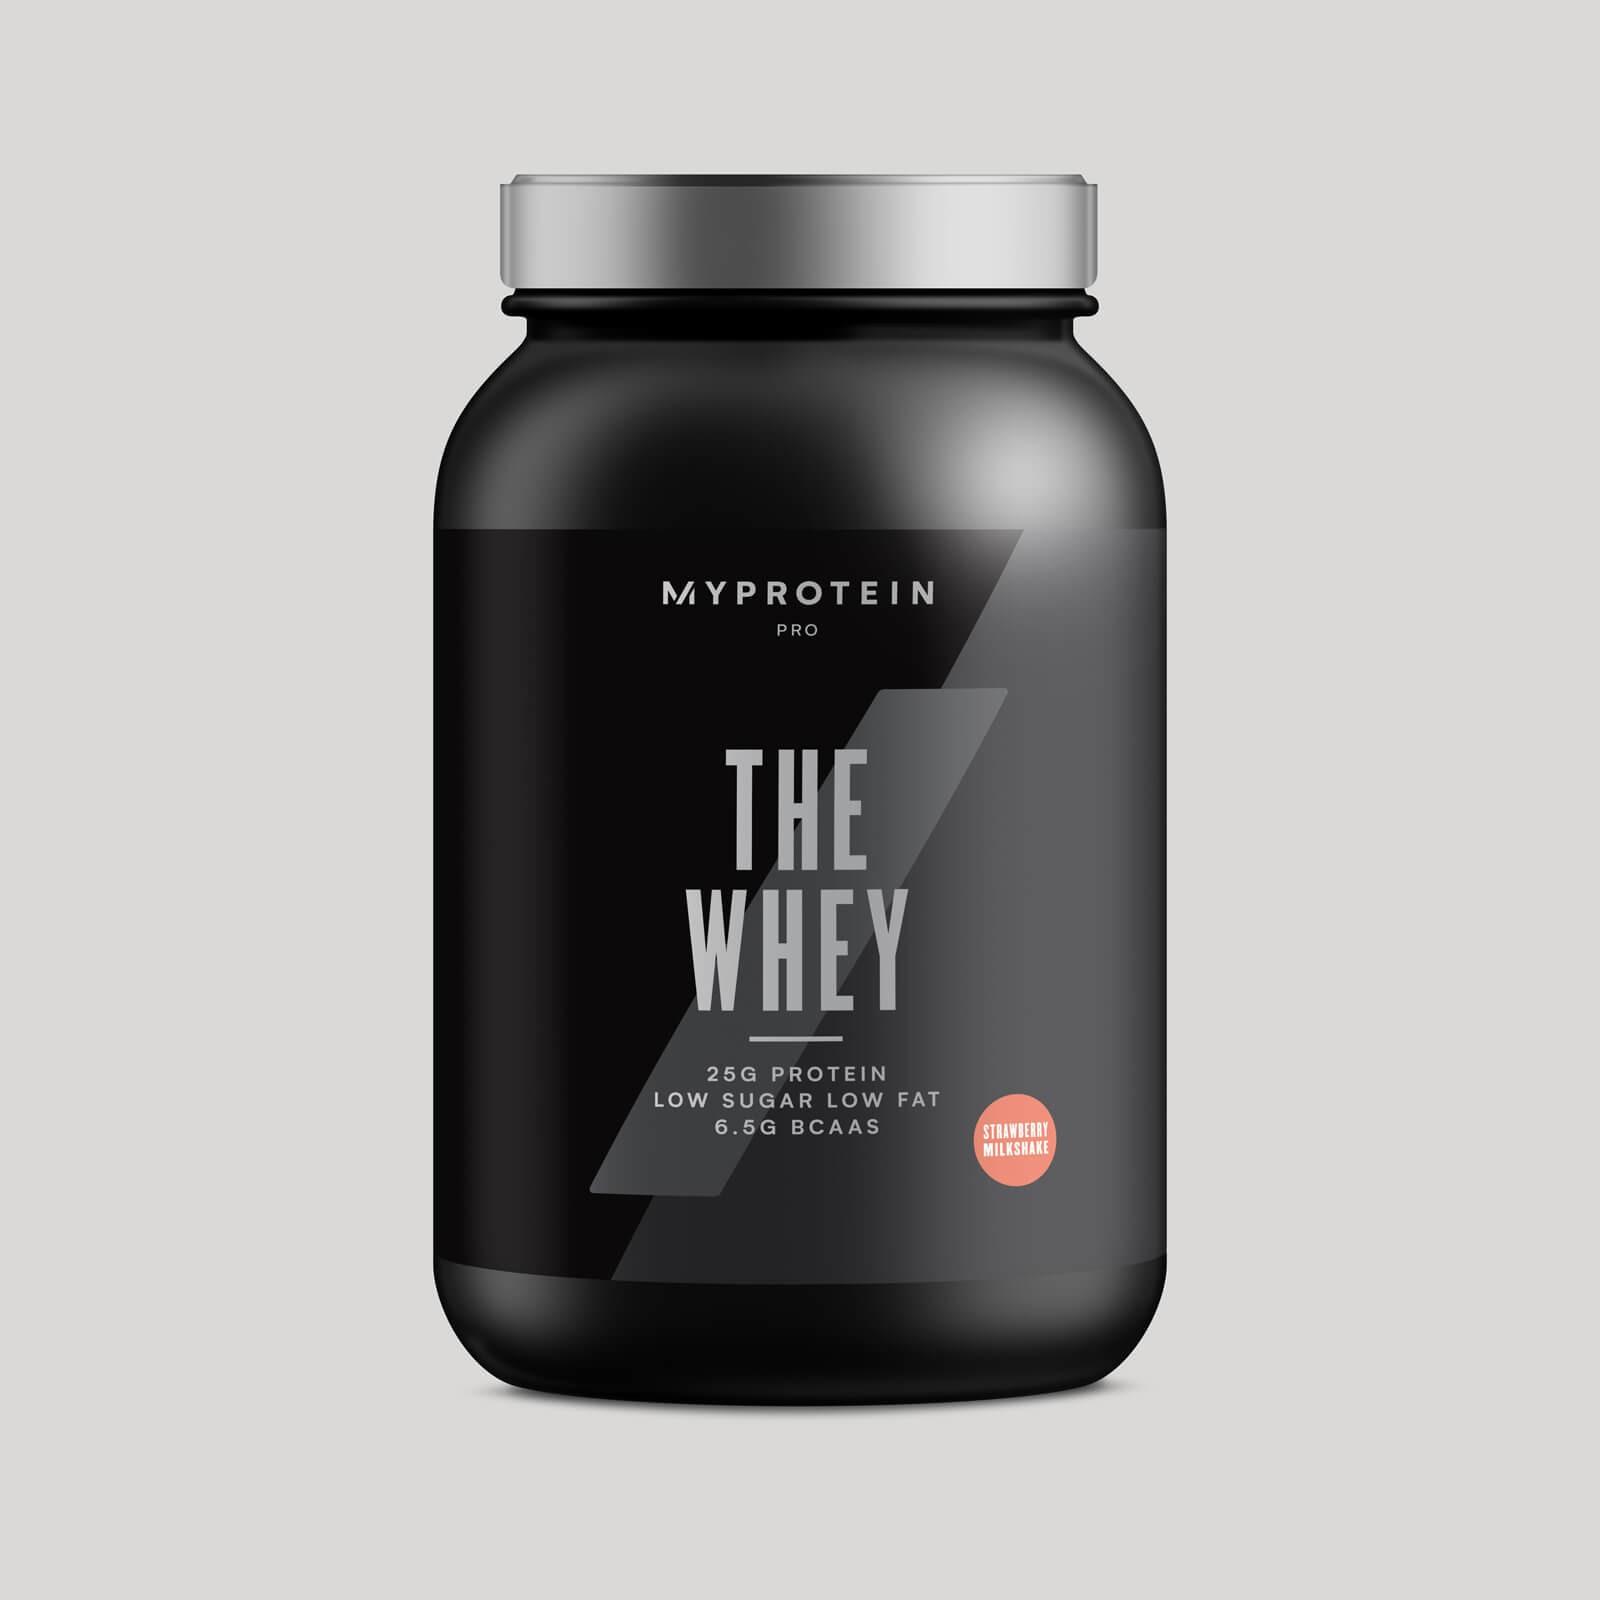 MYPROTEIN THE Whey 尖端乳清蛋白粉 870g